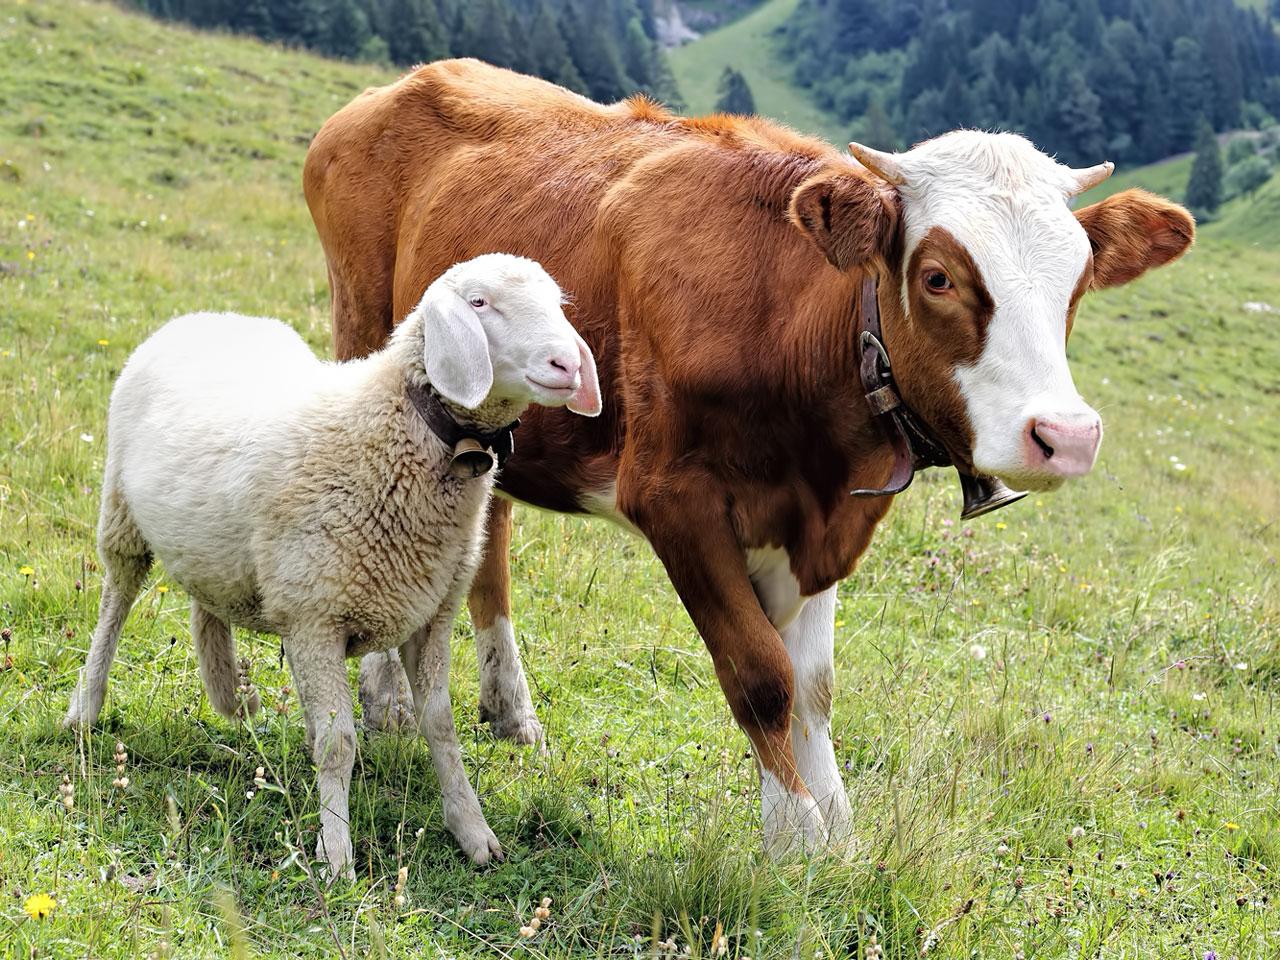 Schaf und Kuh auf Weide